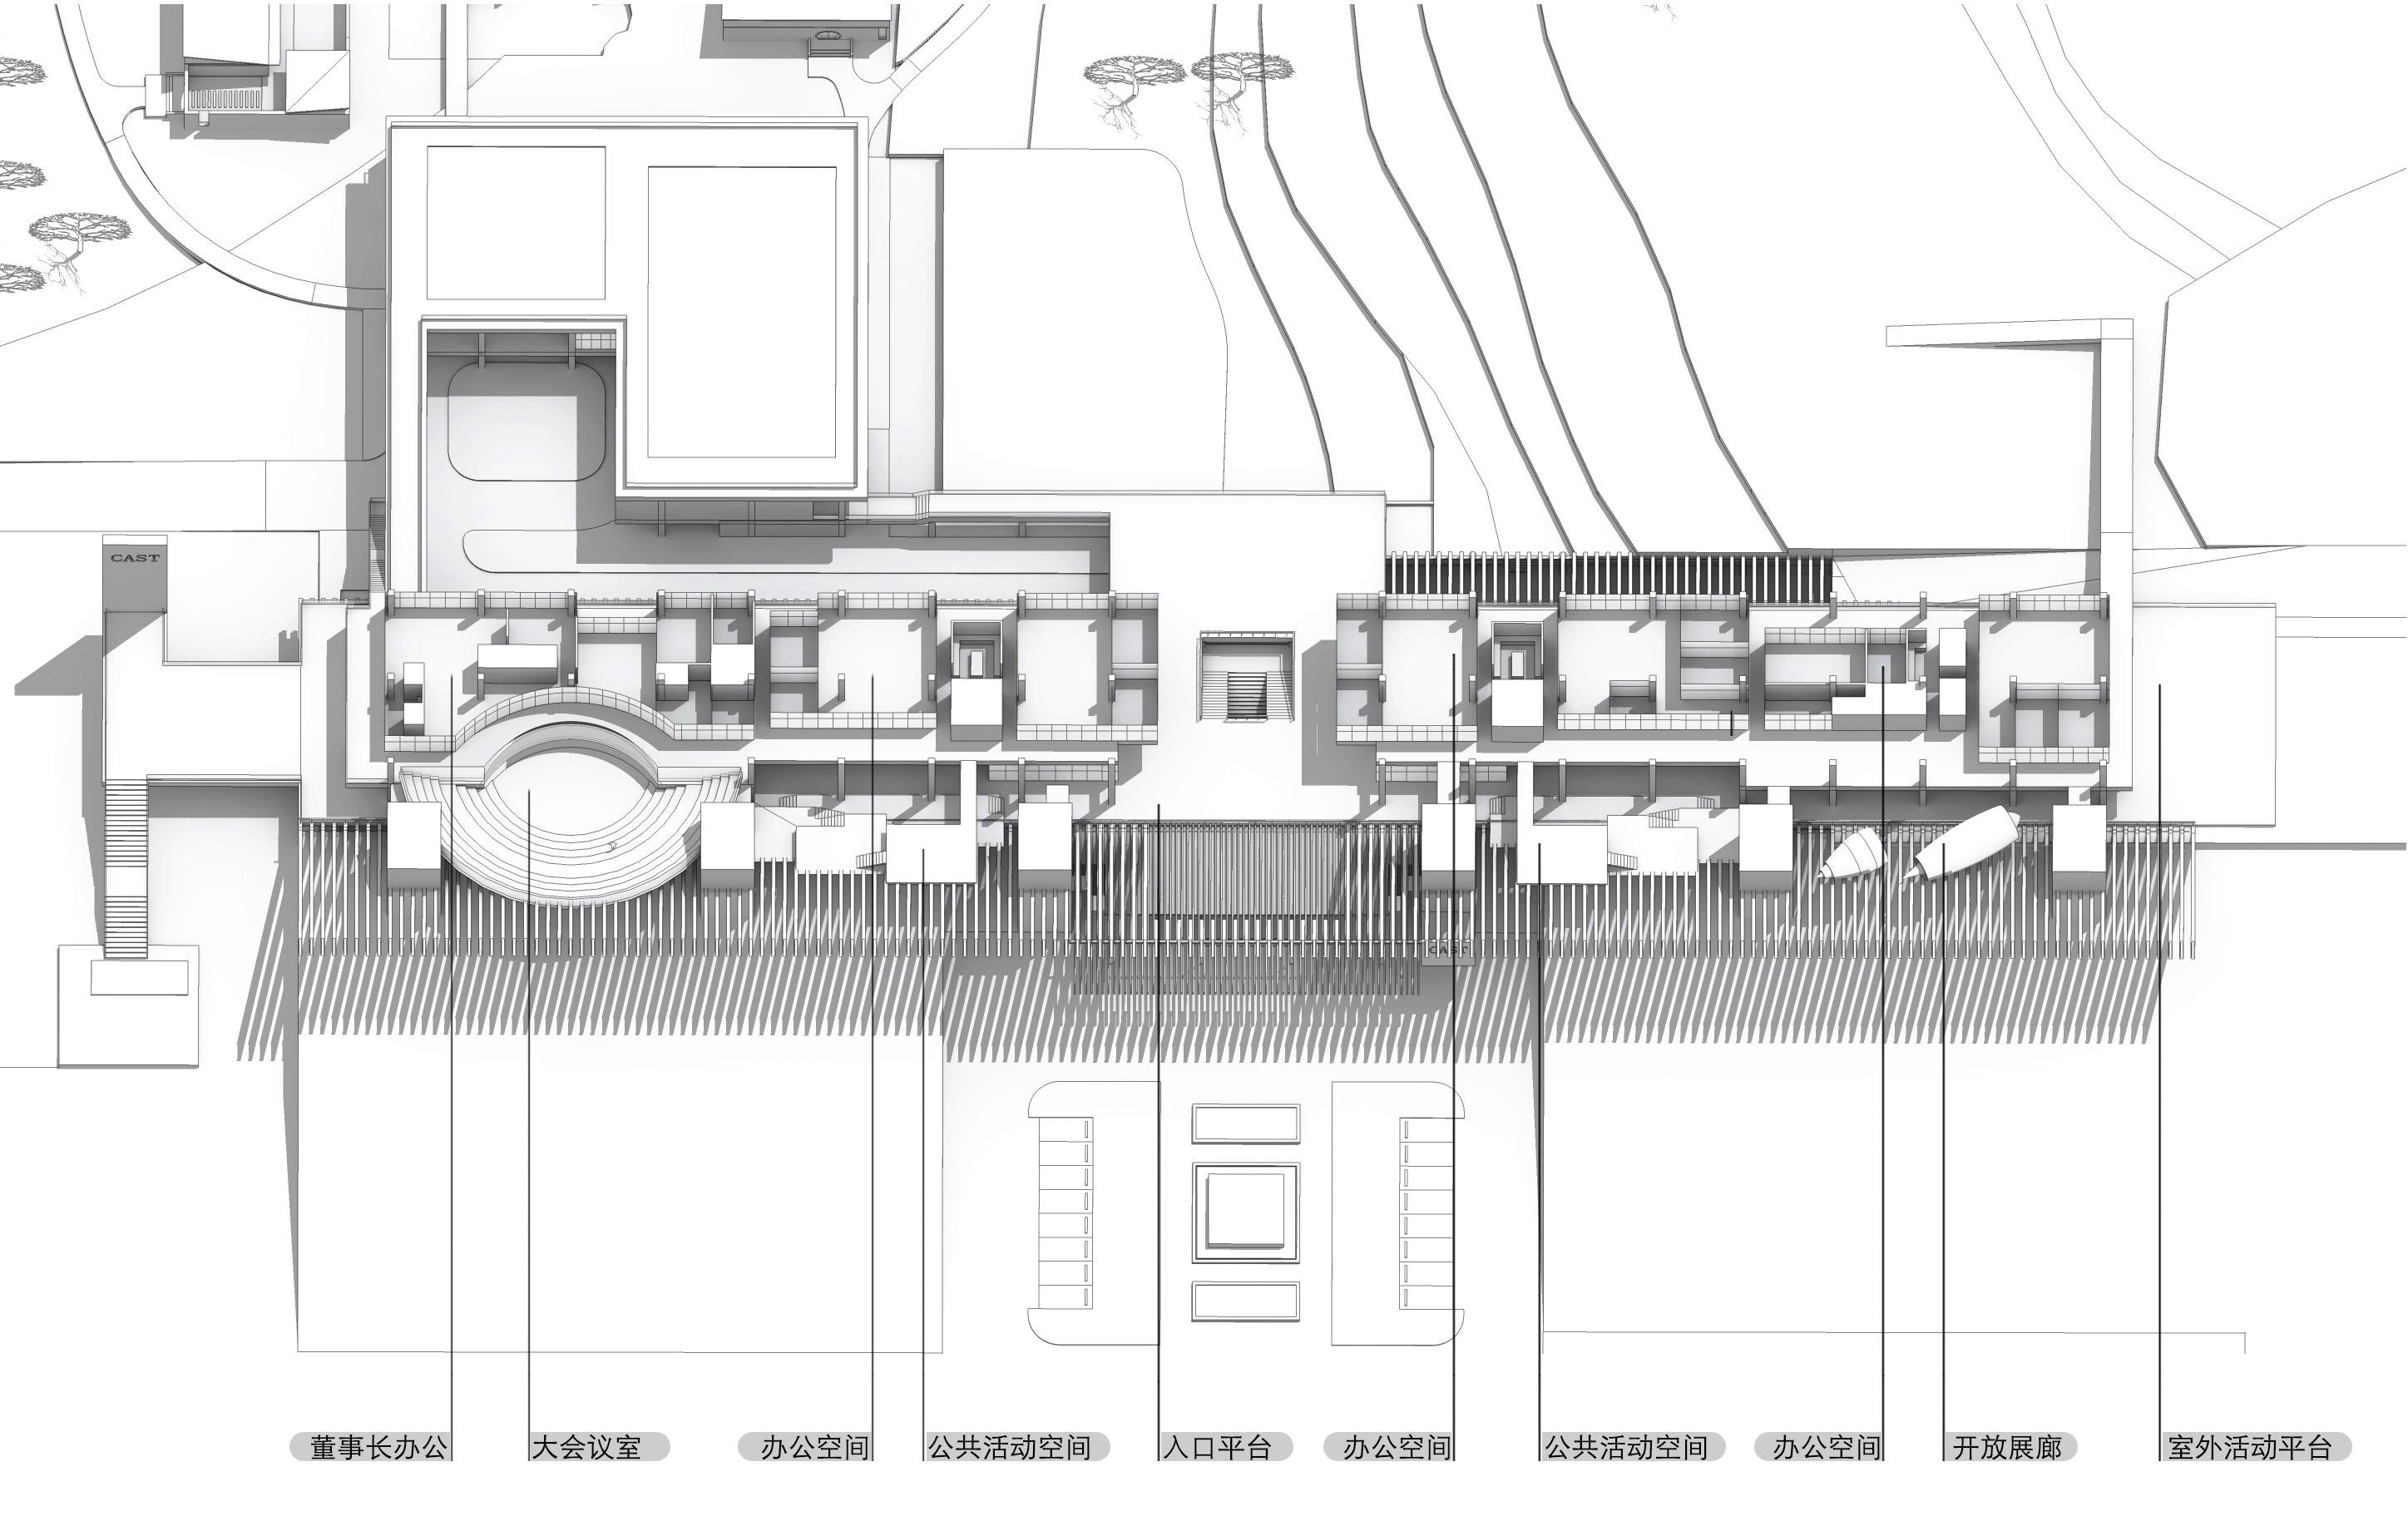 〔안정원의 디자인 칼럼〕 청두 항공우주 초합금 기술 캠퍼스의 효율적인 건축 프로그램 1